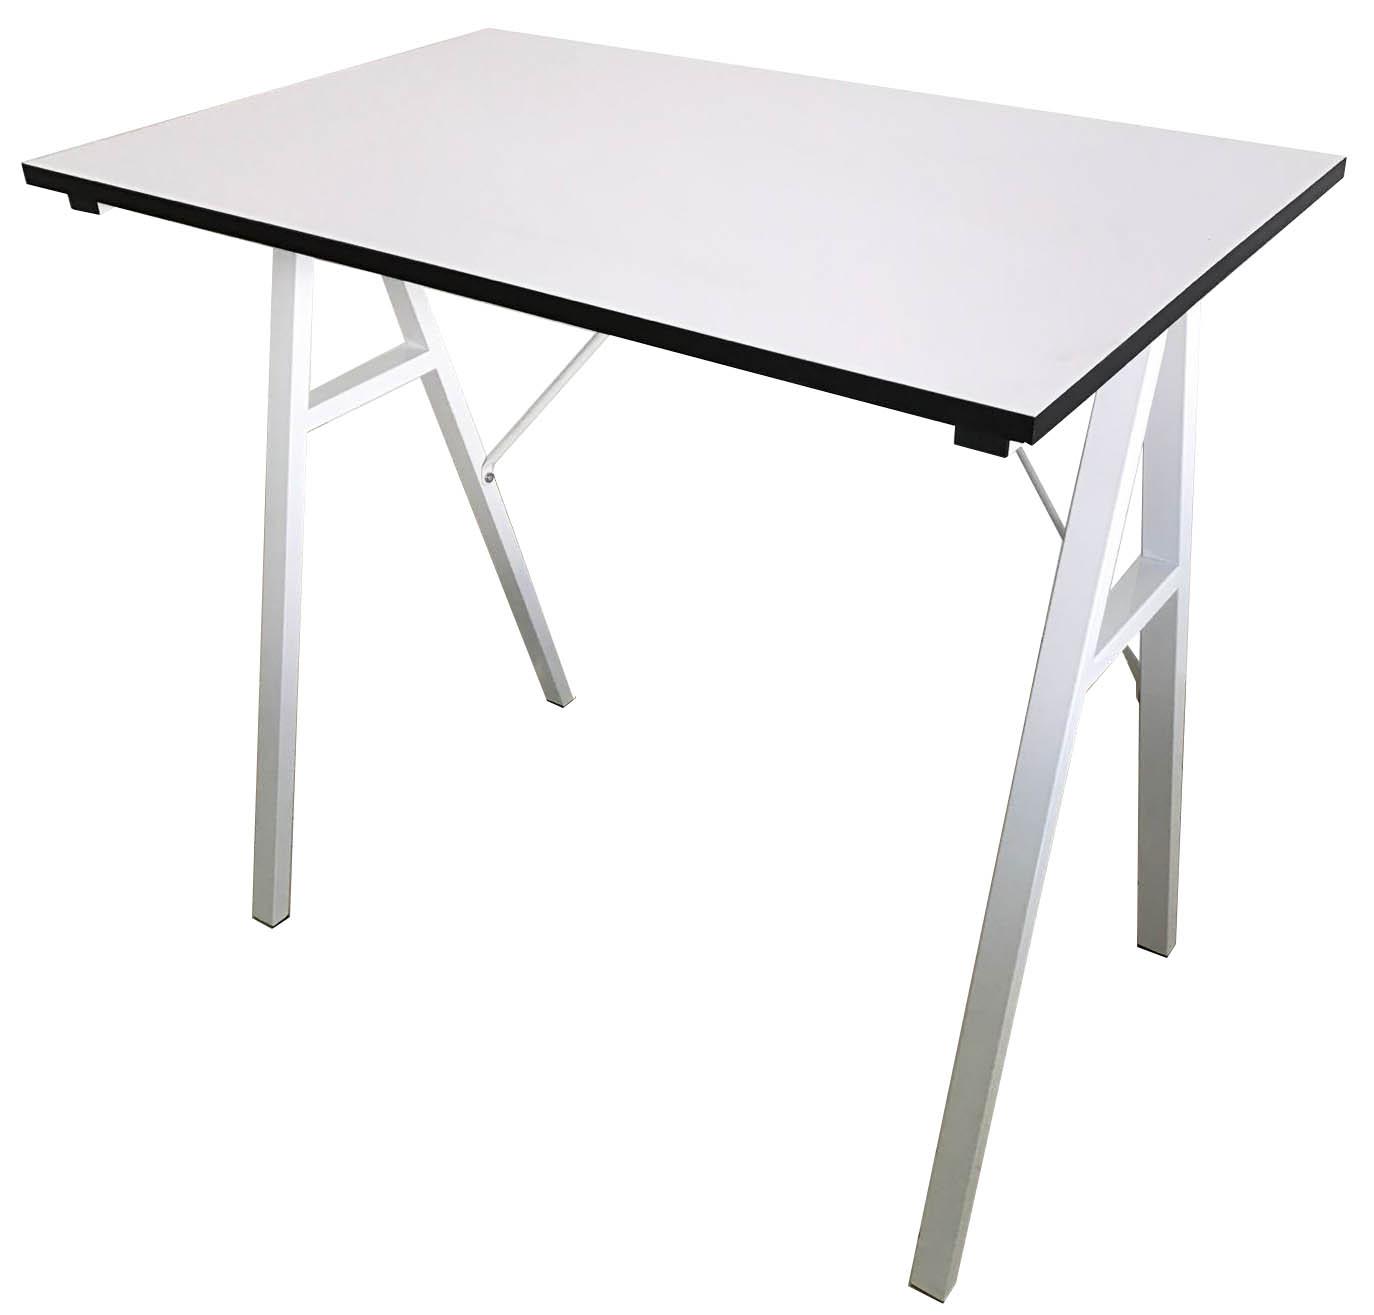 Bureau en fer forgé industriel rustique, cadre en bois, Stable, gain de place, bureau à domicile, bureau d'ordinateur